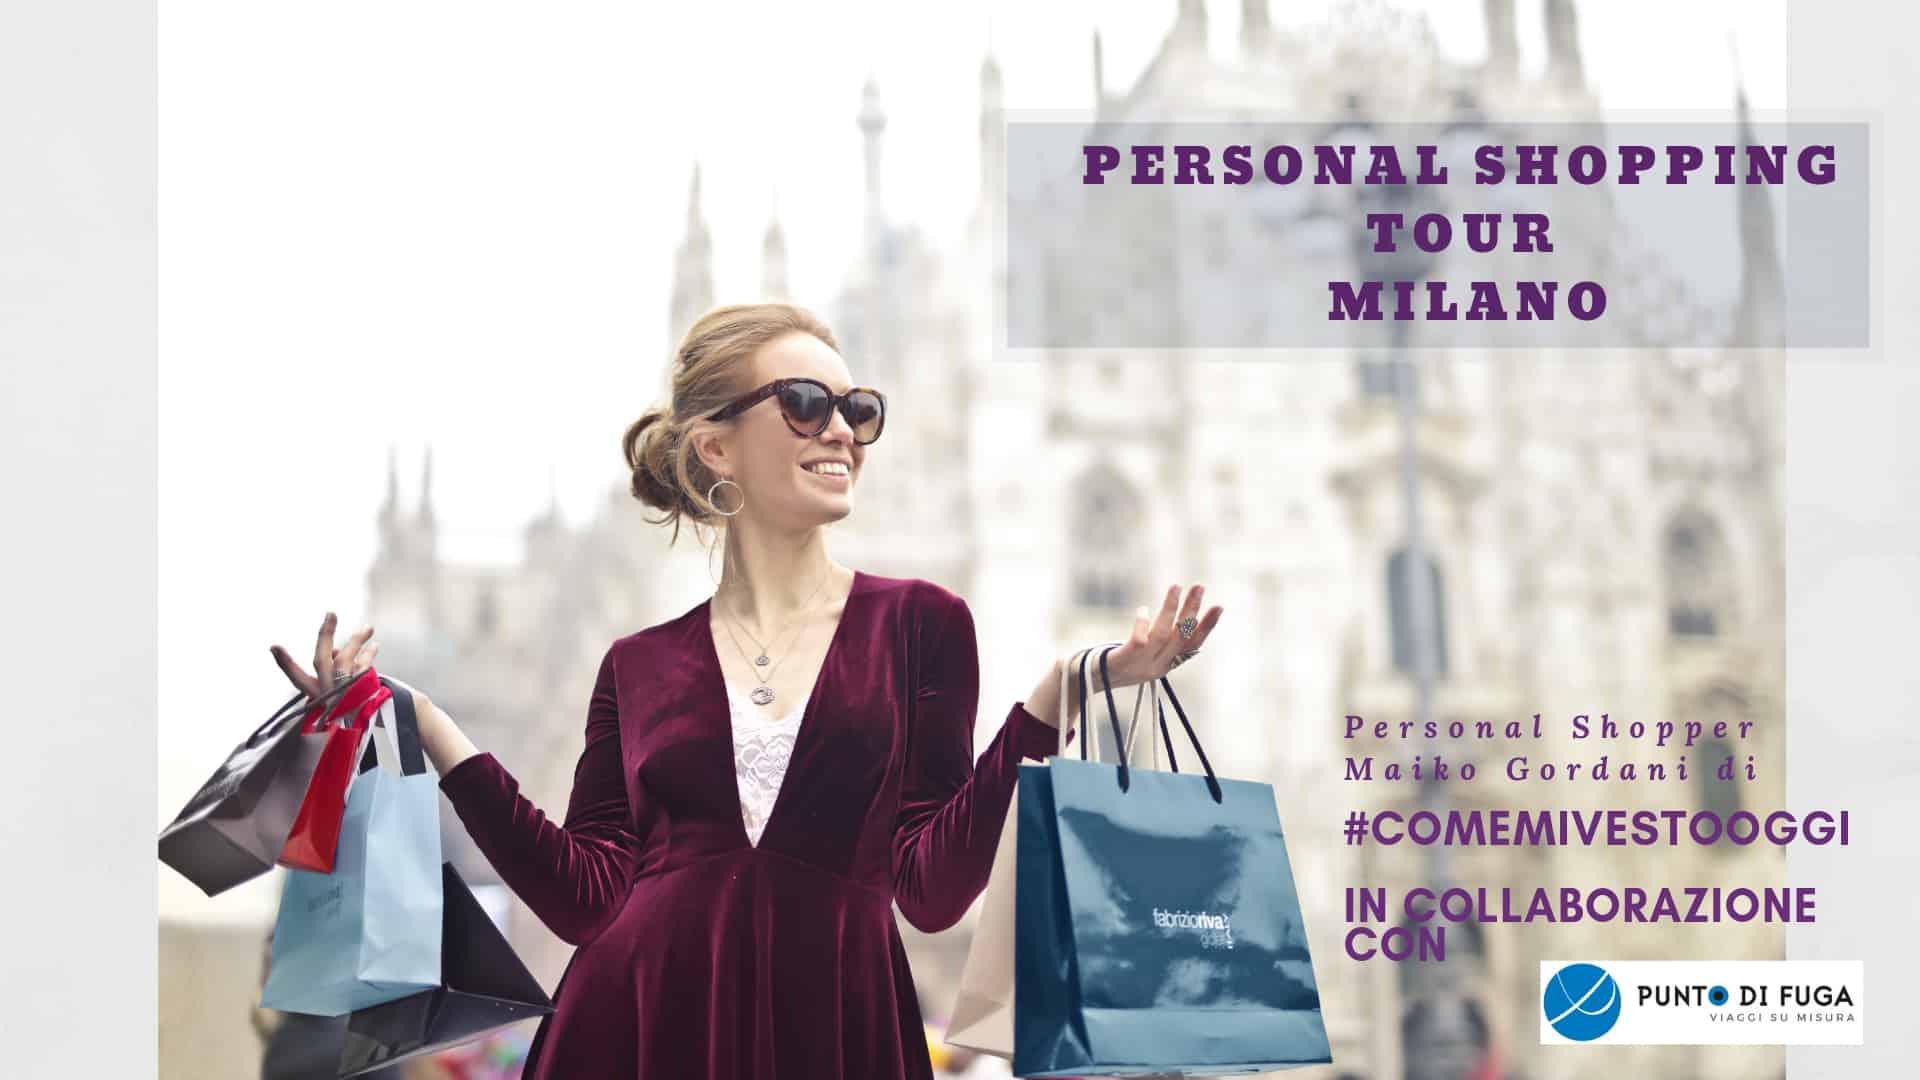 Personal Shopping Tour Milano